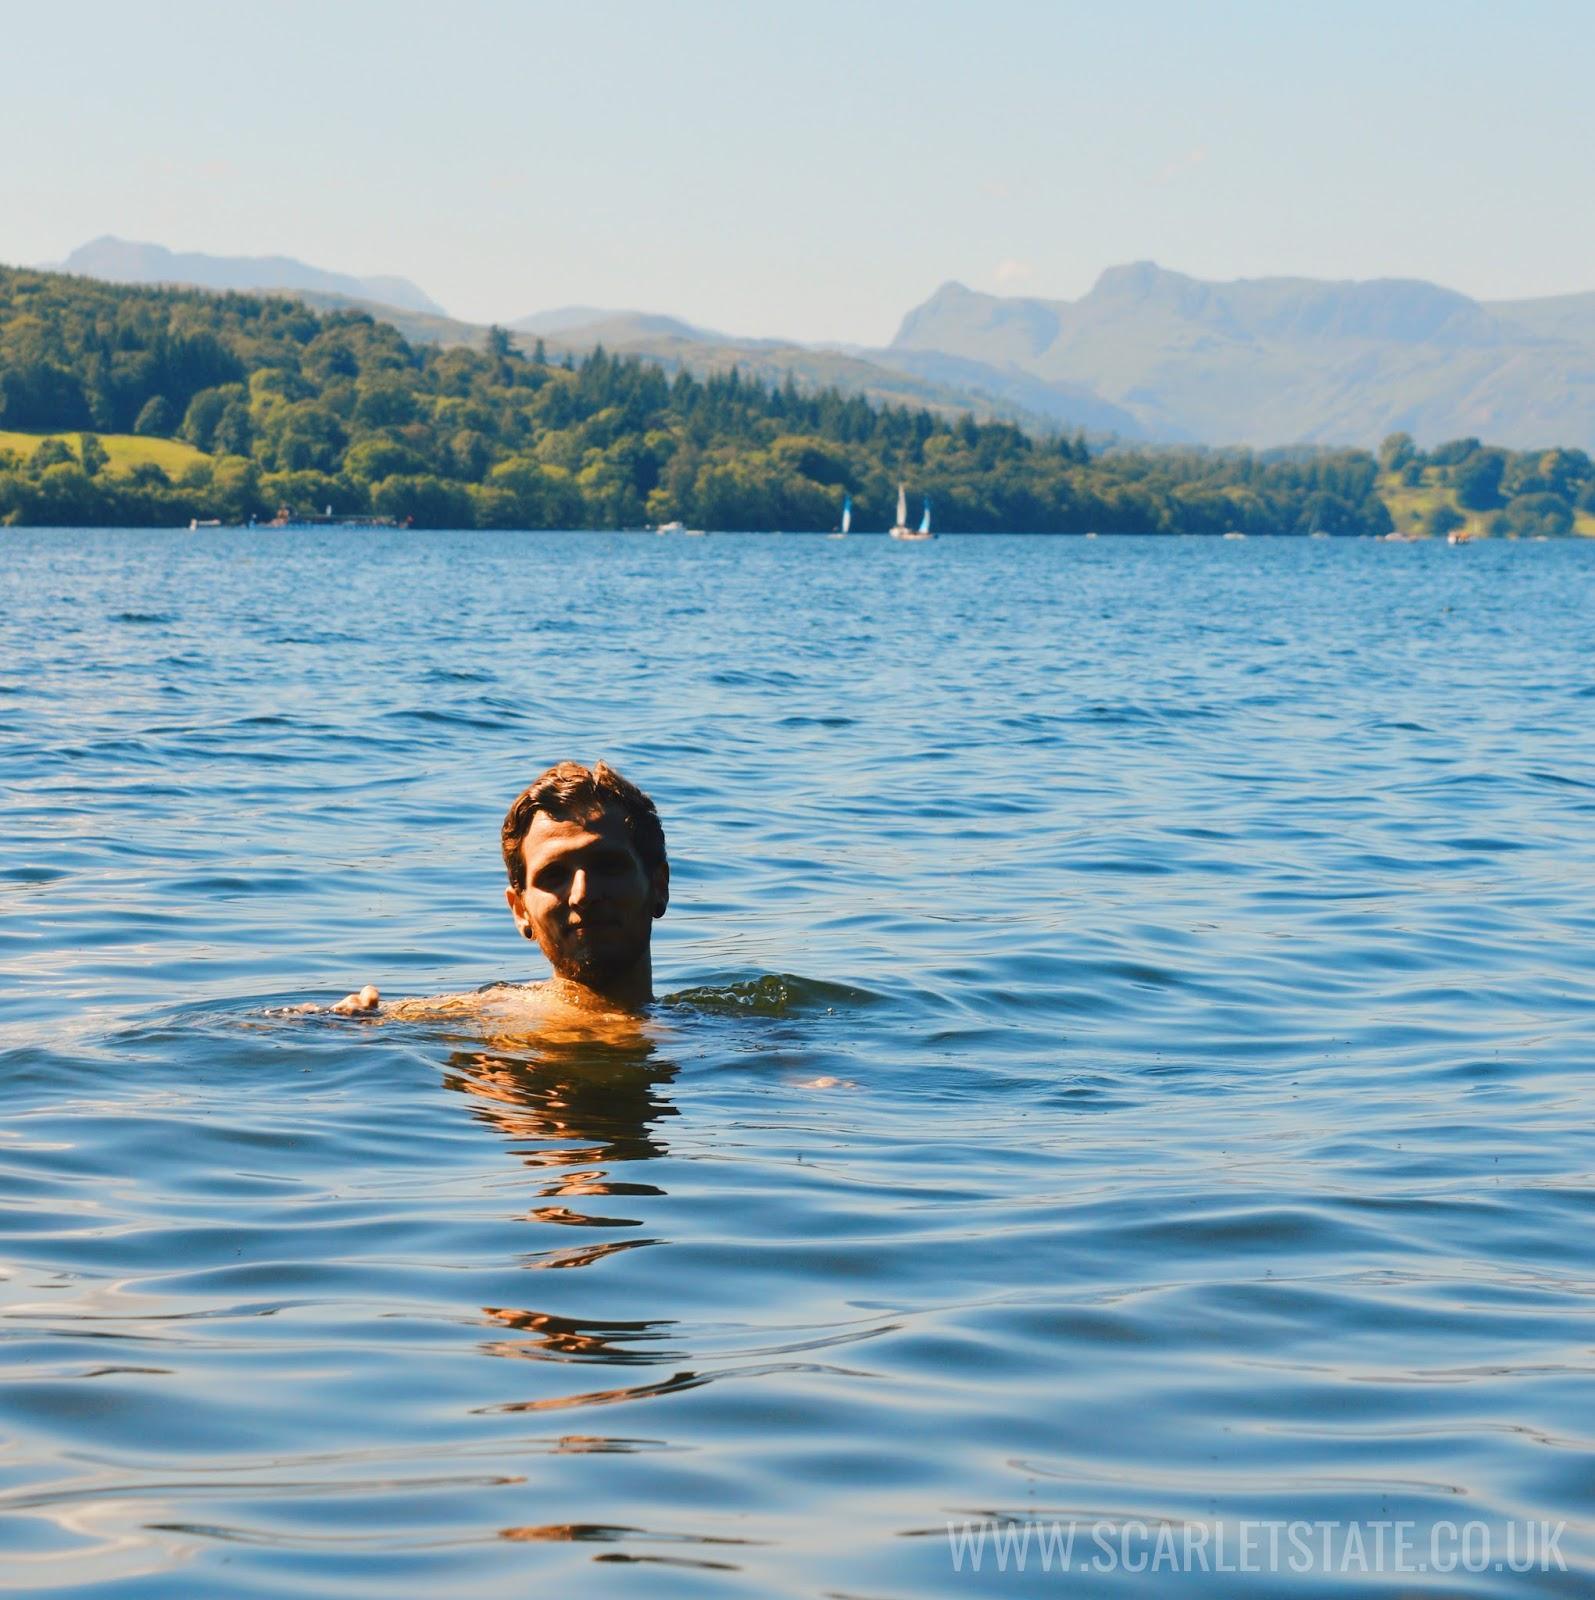 Man swimming in lake